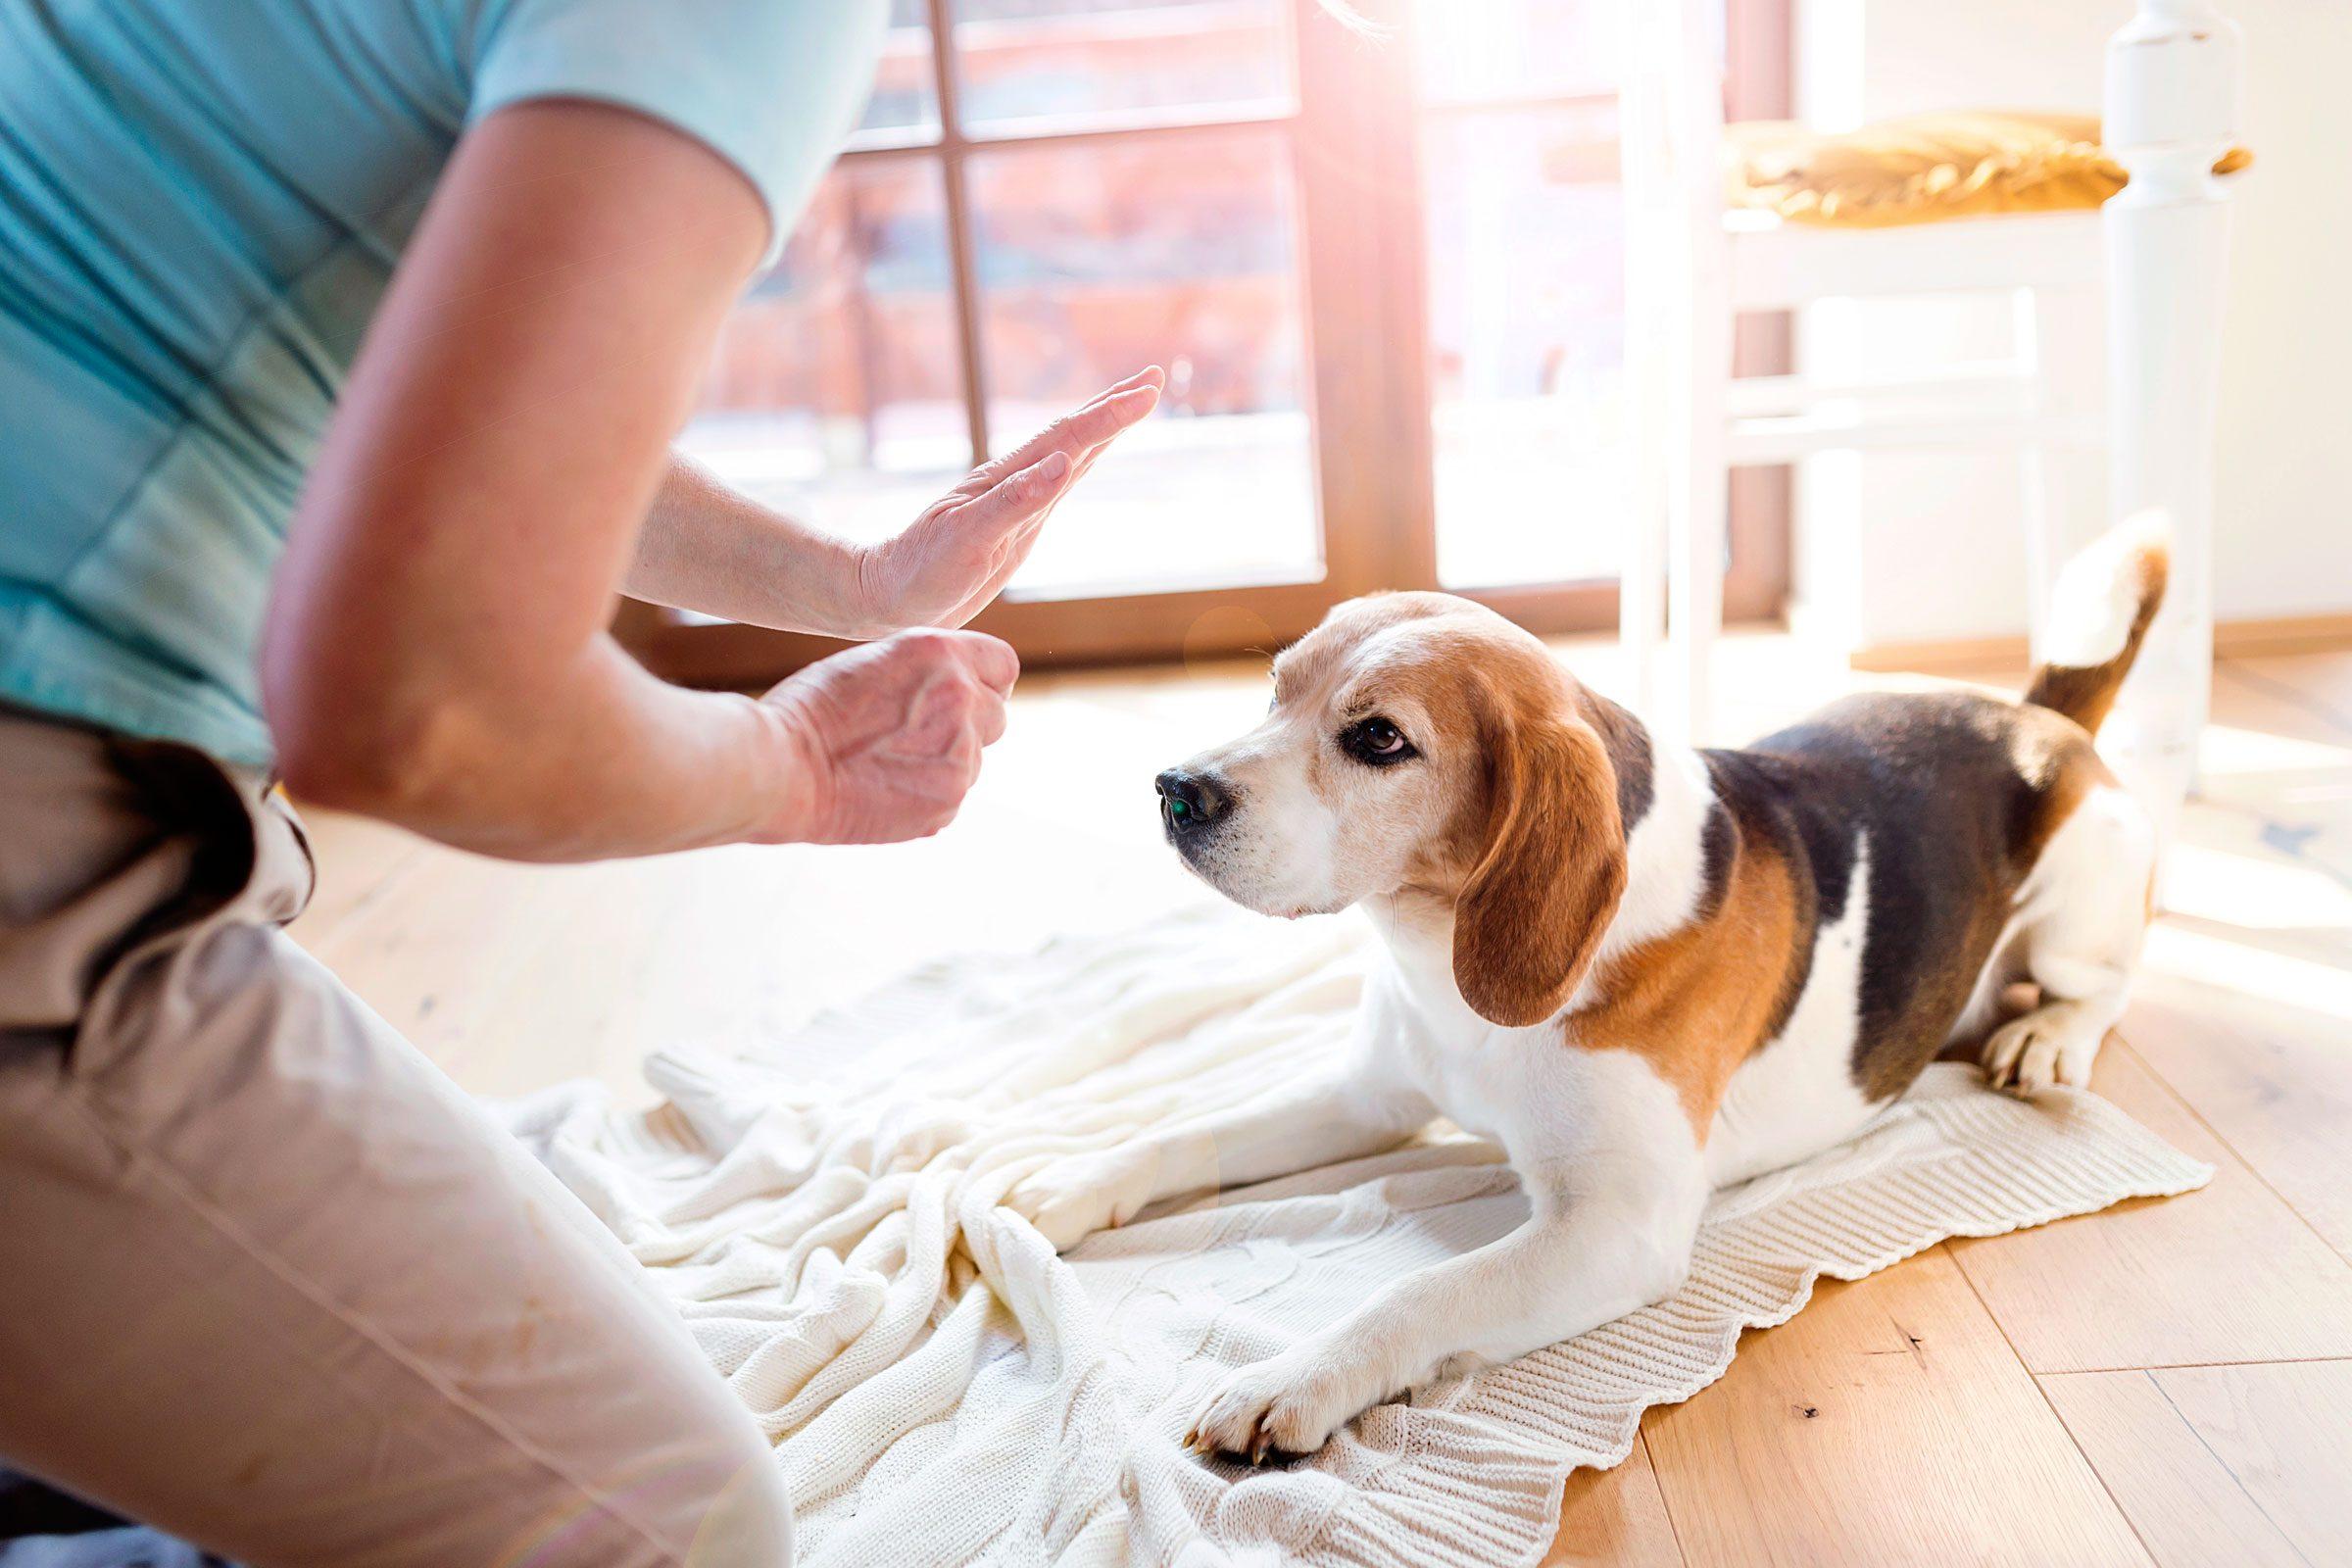 how to make your dog do tricks